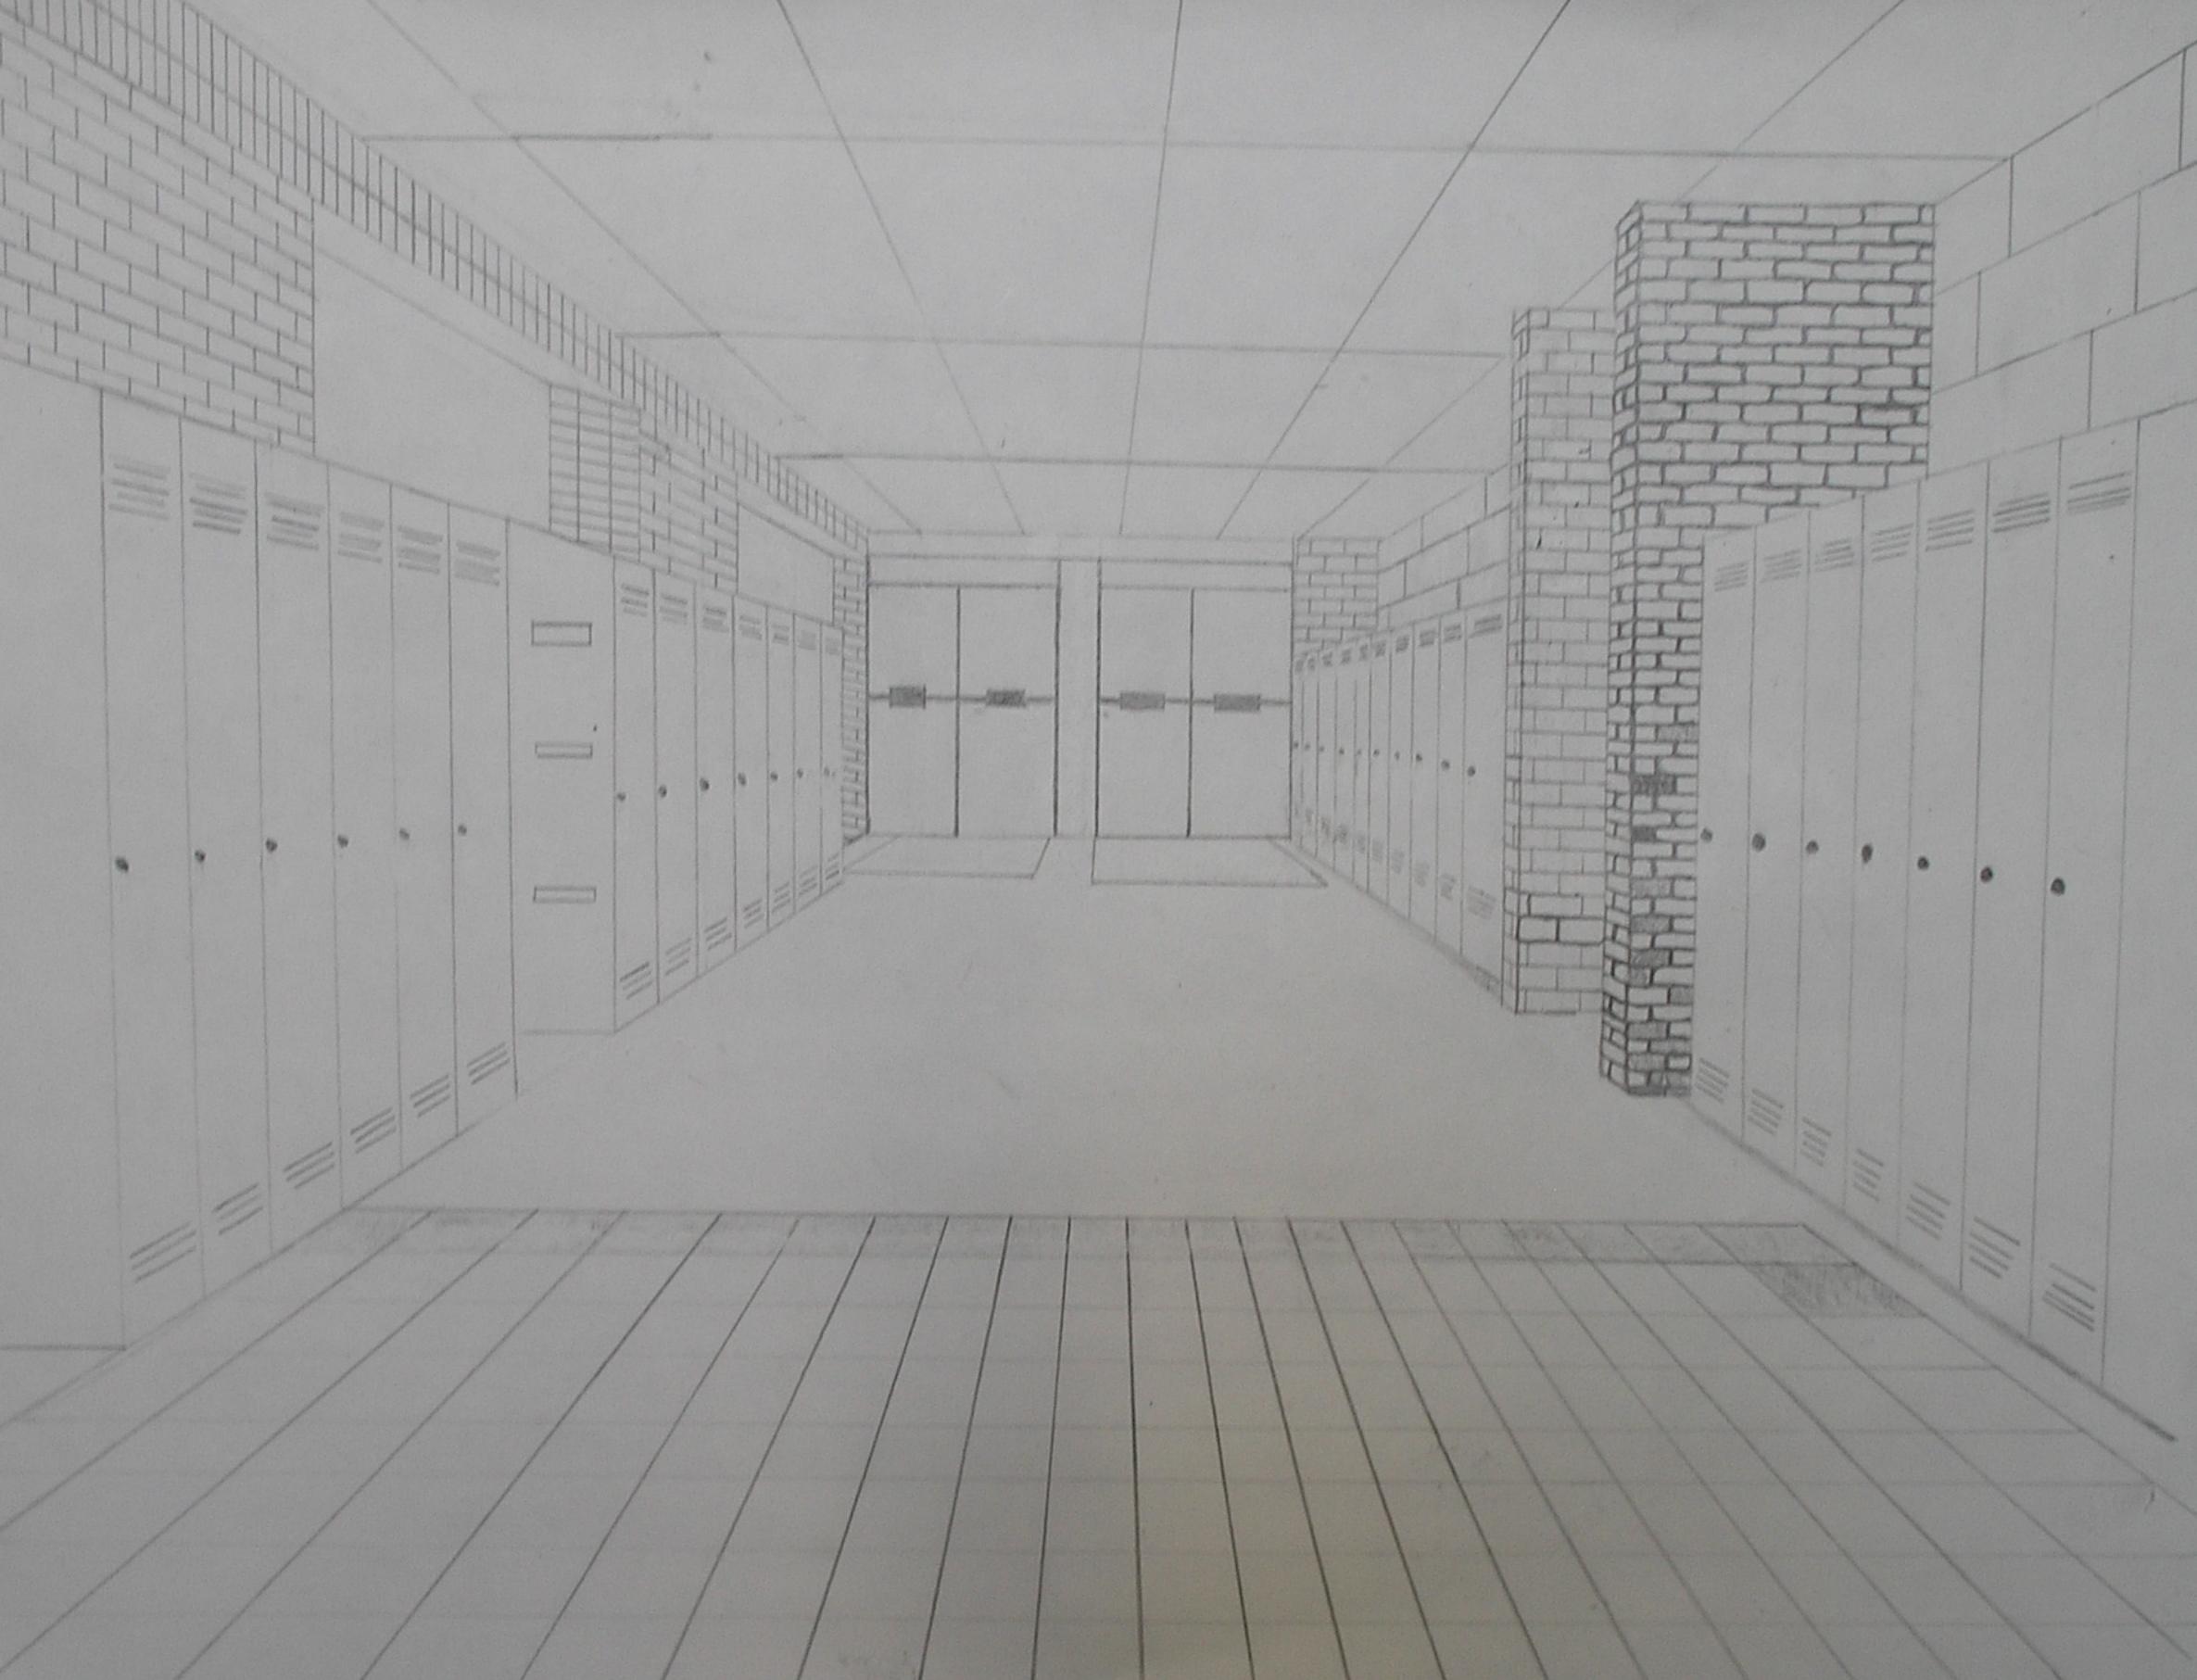 school hallway drawing - HD2371×1813